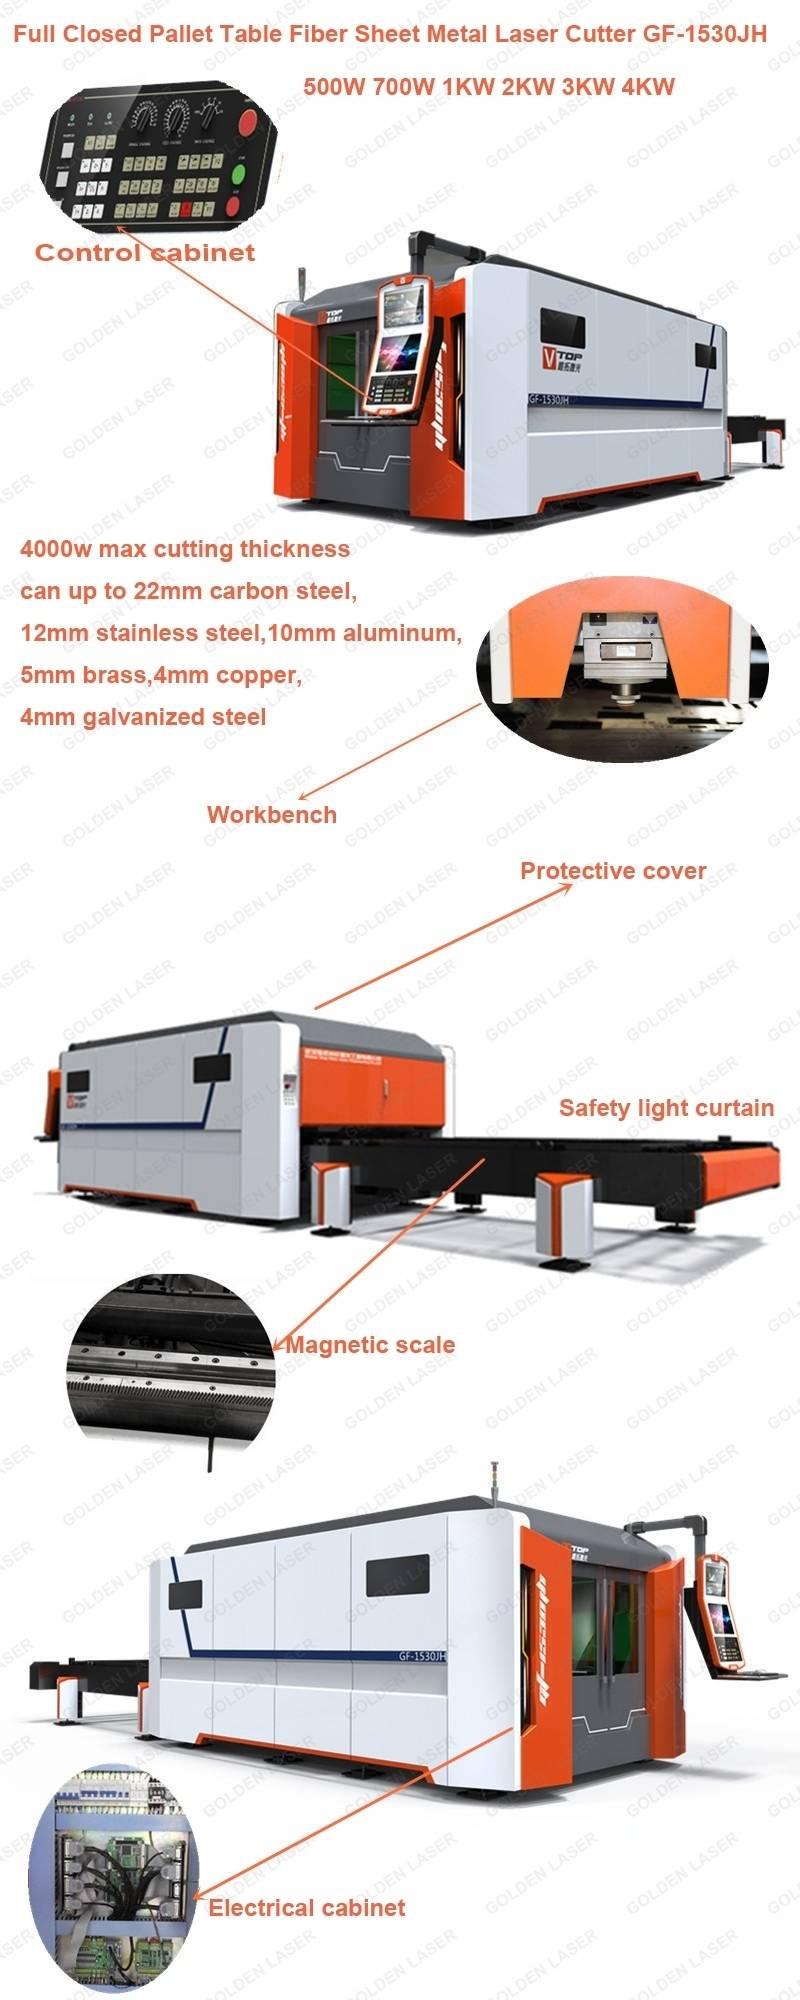 pallet table fiber sheet metal laser cutter GF1530